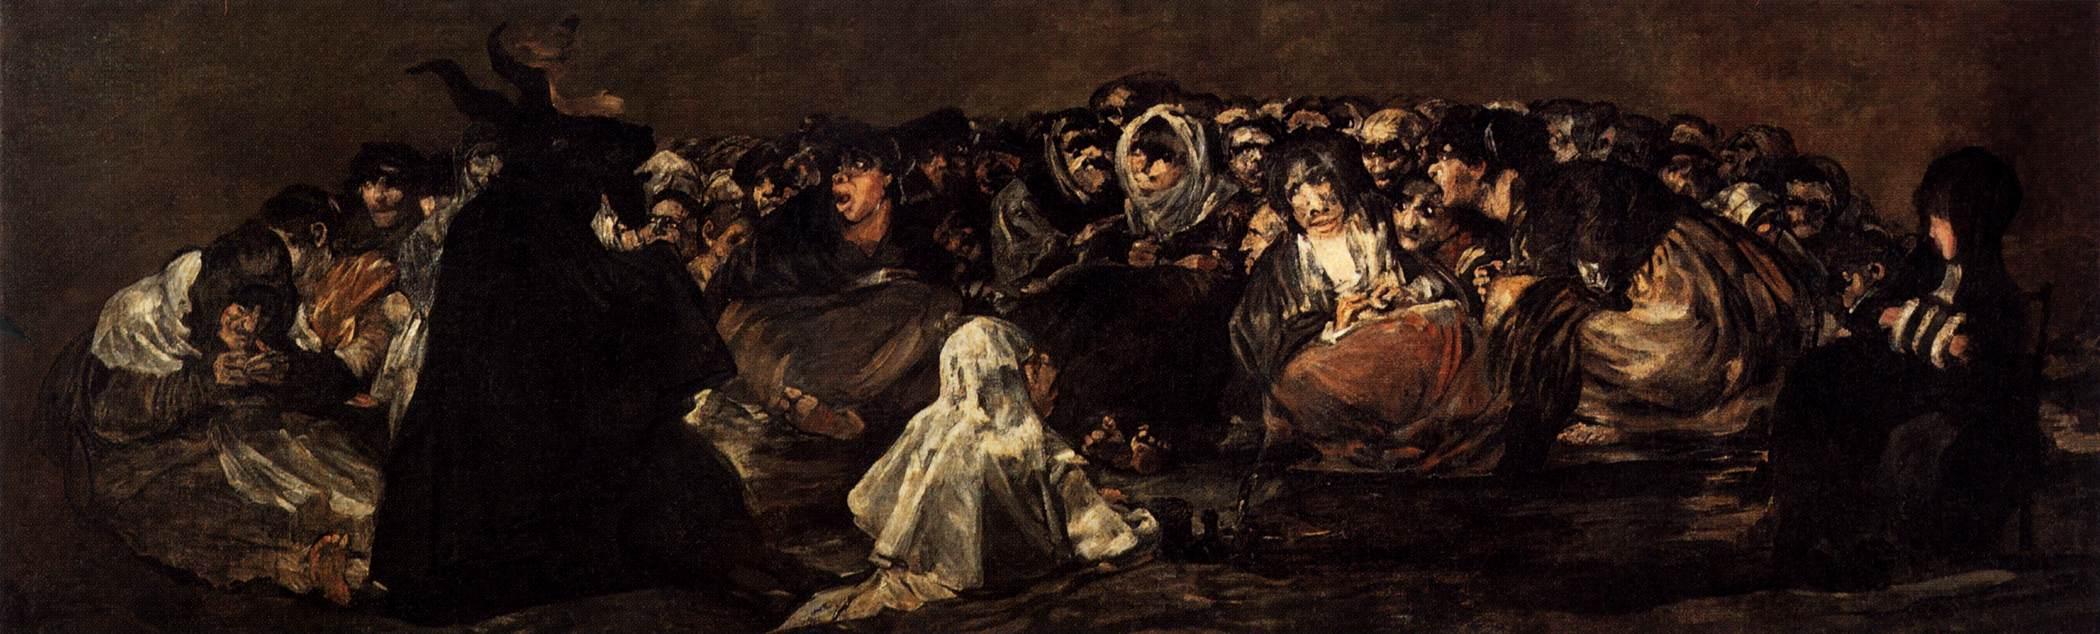 Représentations de demons sur des bols mésopotamiens d'époque ... | 634x2100